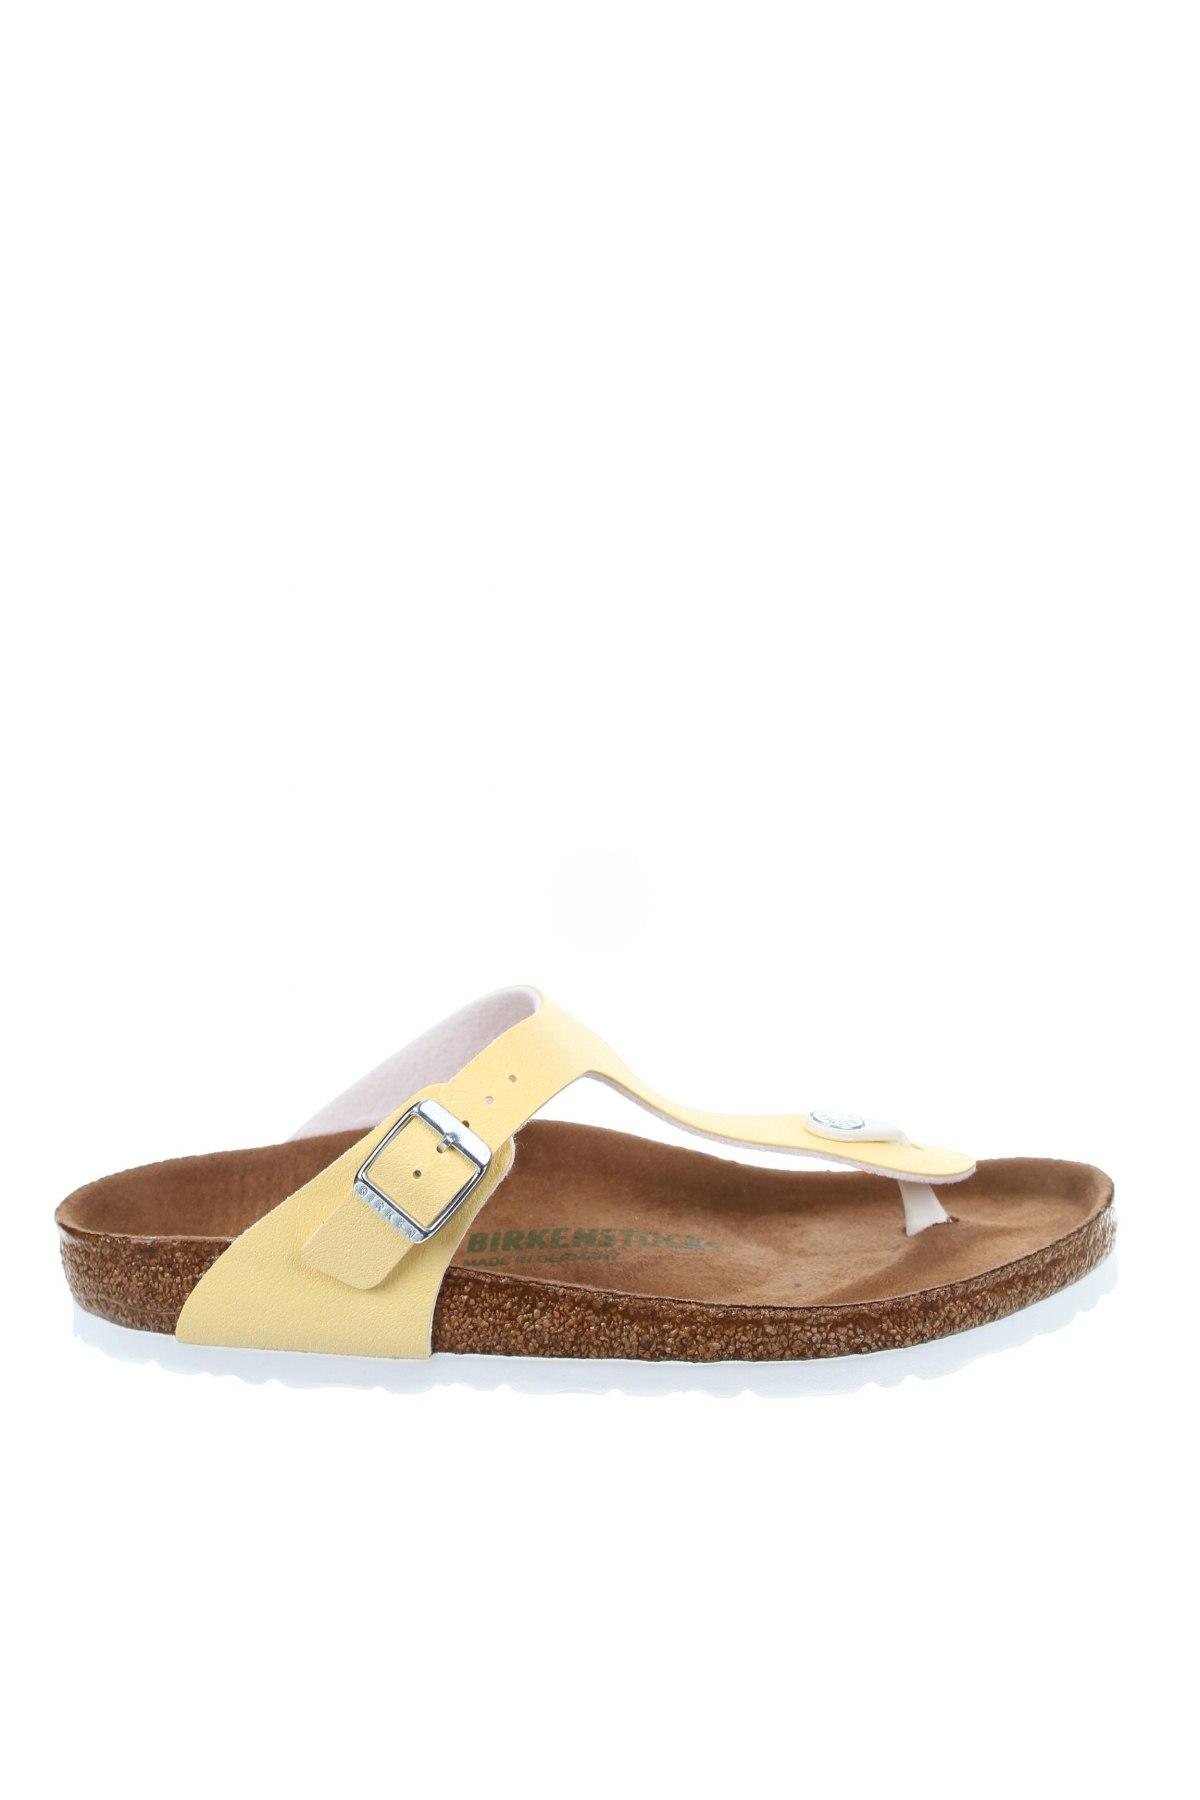 Γυναικείες παντόφλες Birkenstock, Μέγεθος 39, Χρώμα Κίτρινο, Δερματίνη, Τιμή 32,51€